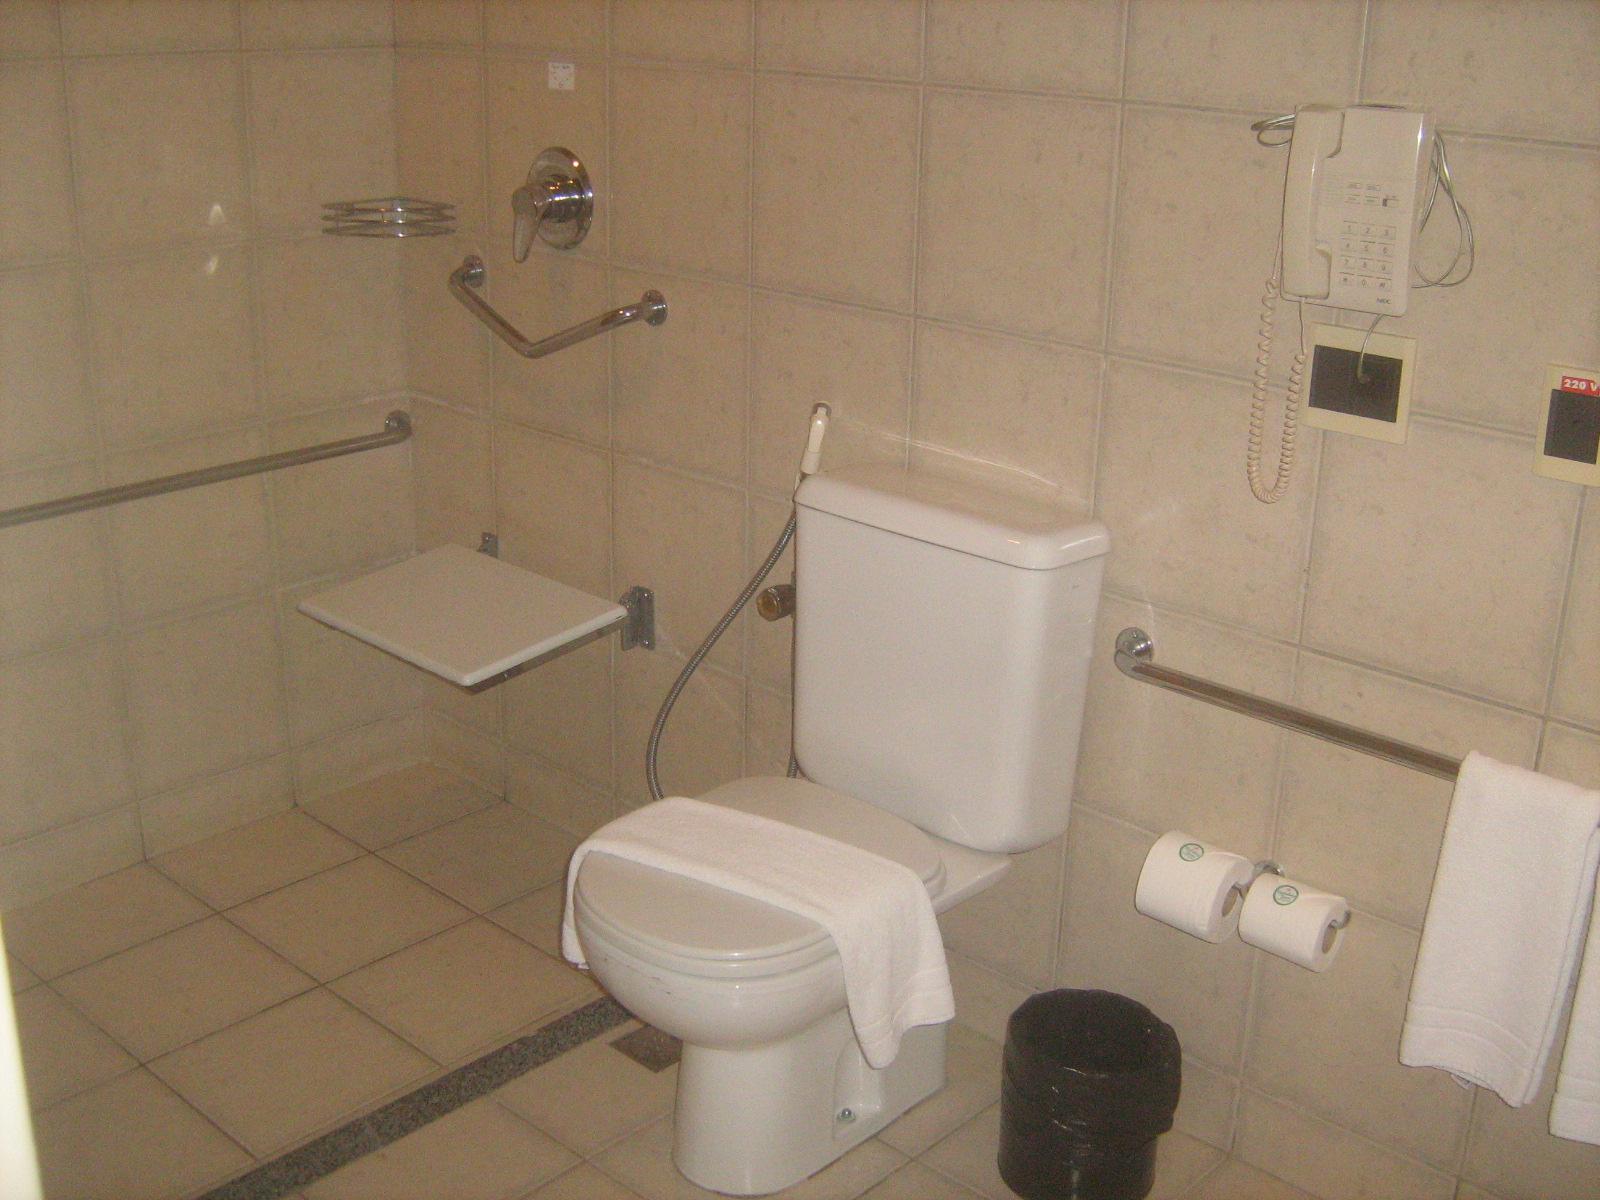 Imagens de #944737 VIAJANTE ESPECIAL: Hotel Holiday Inn  Fortaleza CE 1600x1200 px 3572 Barras Para Banheiro Adaptado